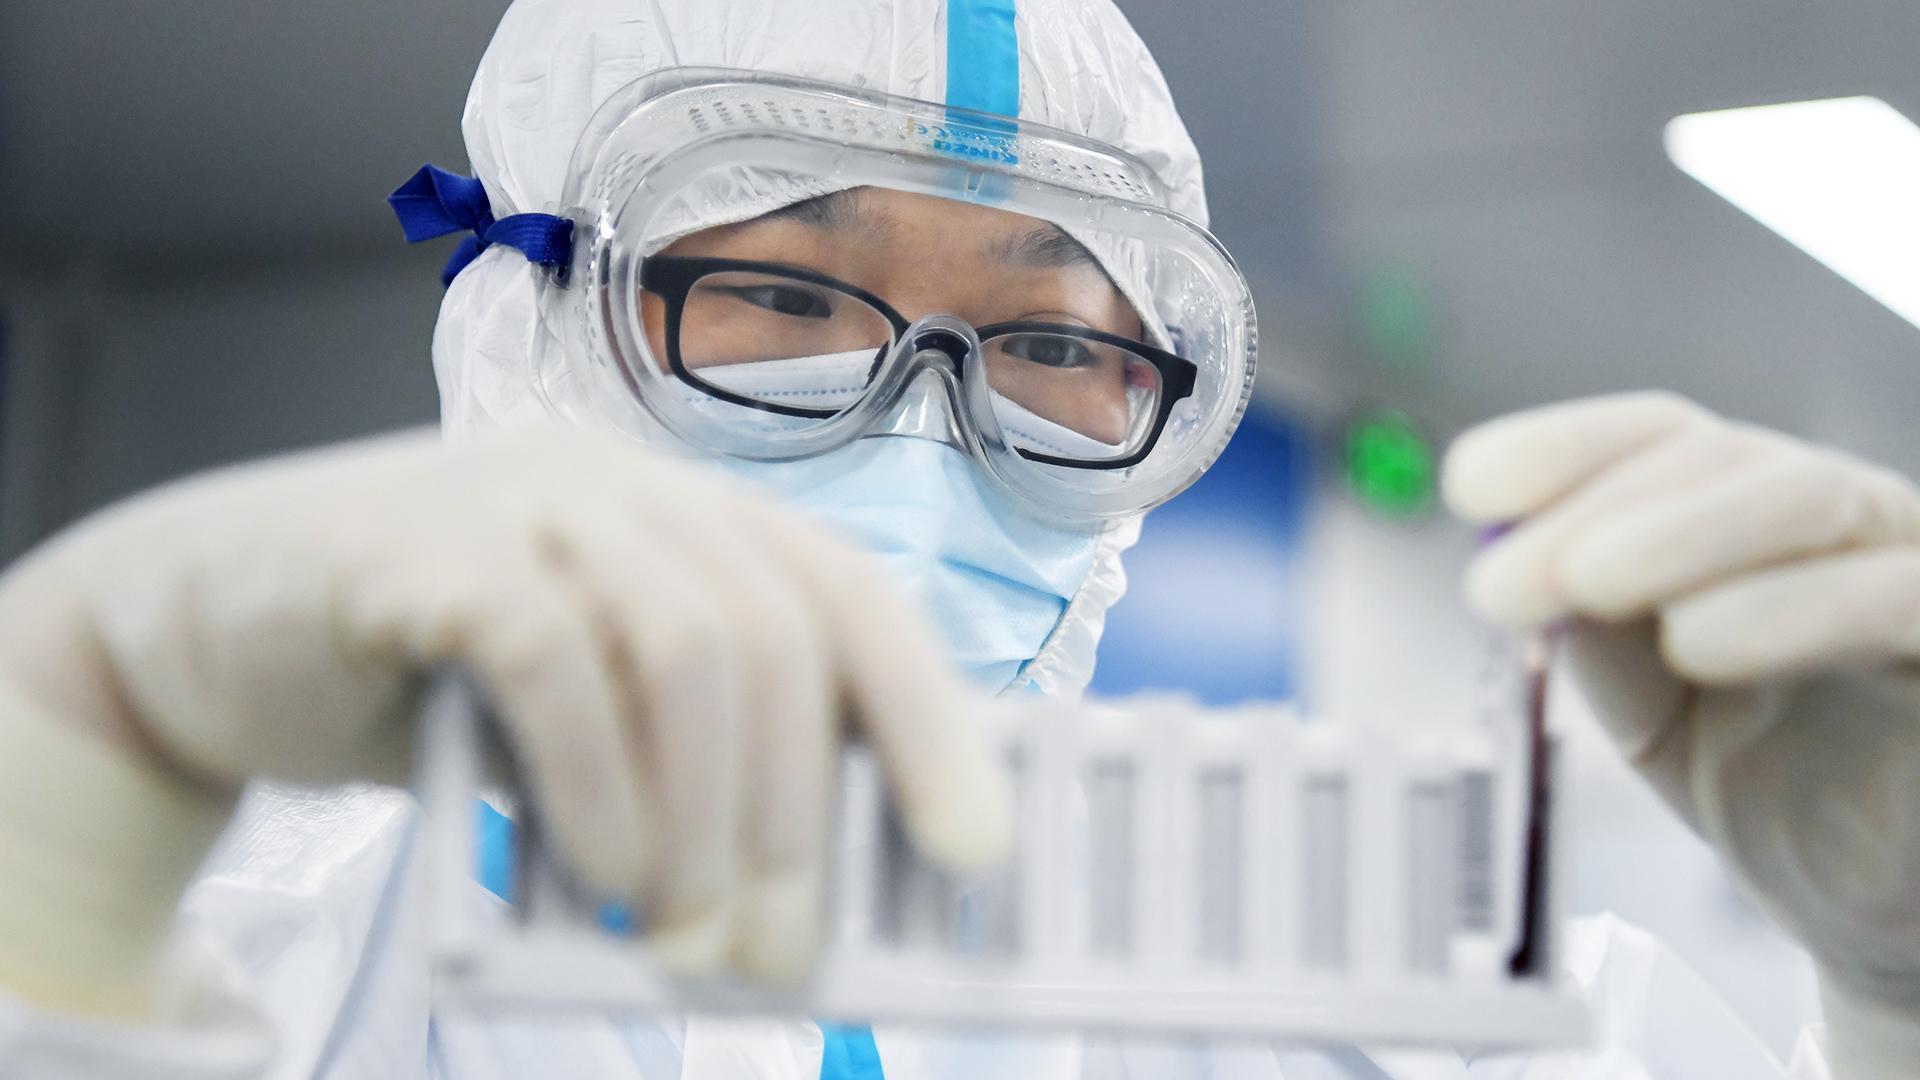 Ученый выразил почти 100% уверенность в том, что COVID-19 появился в лаборатории